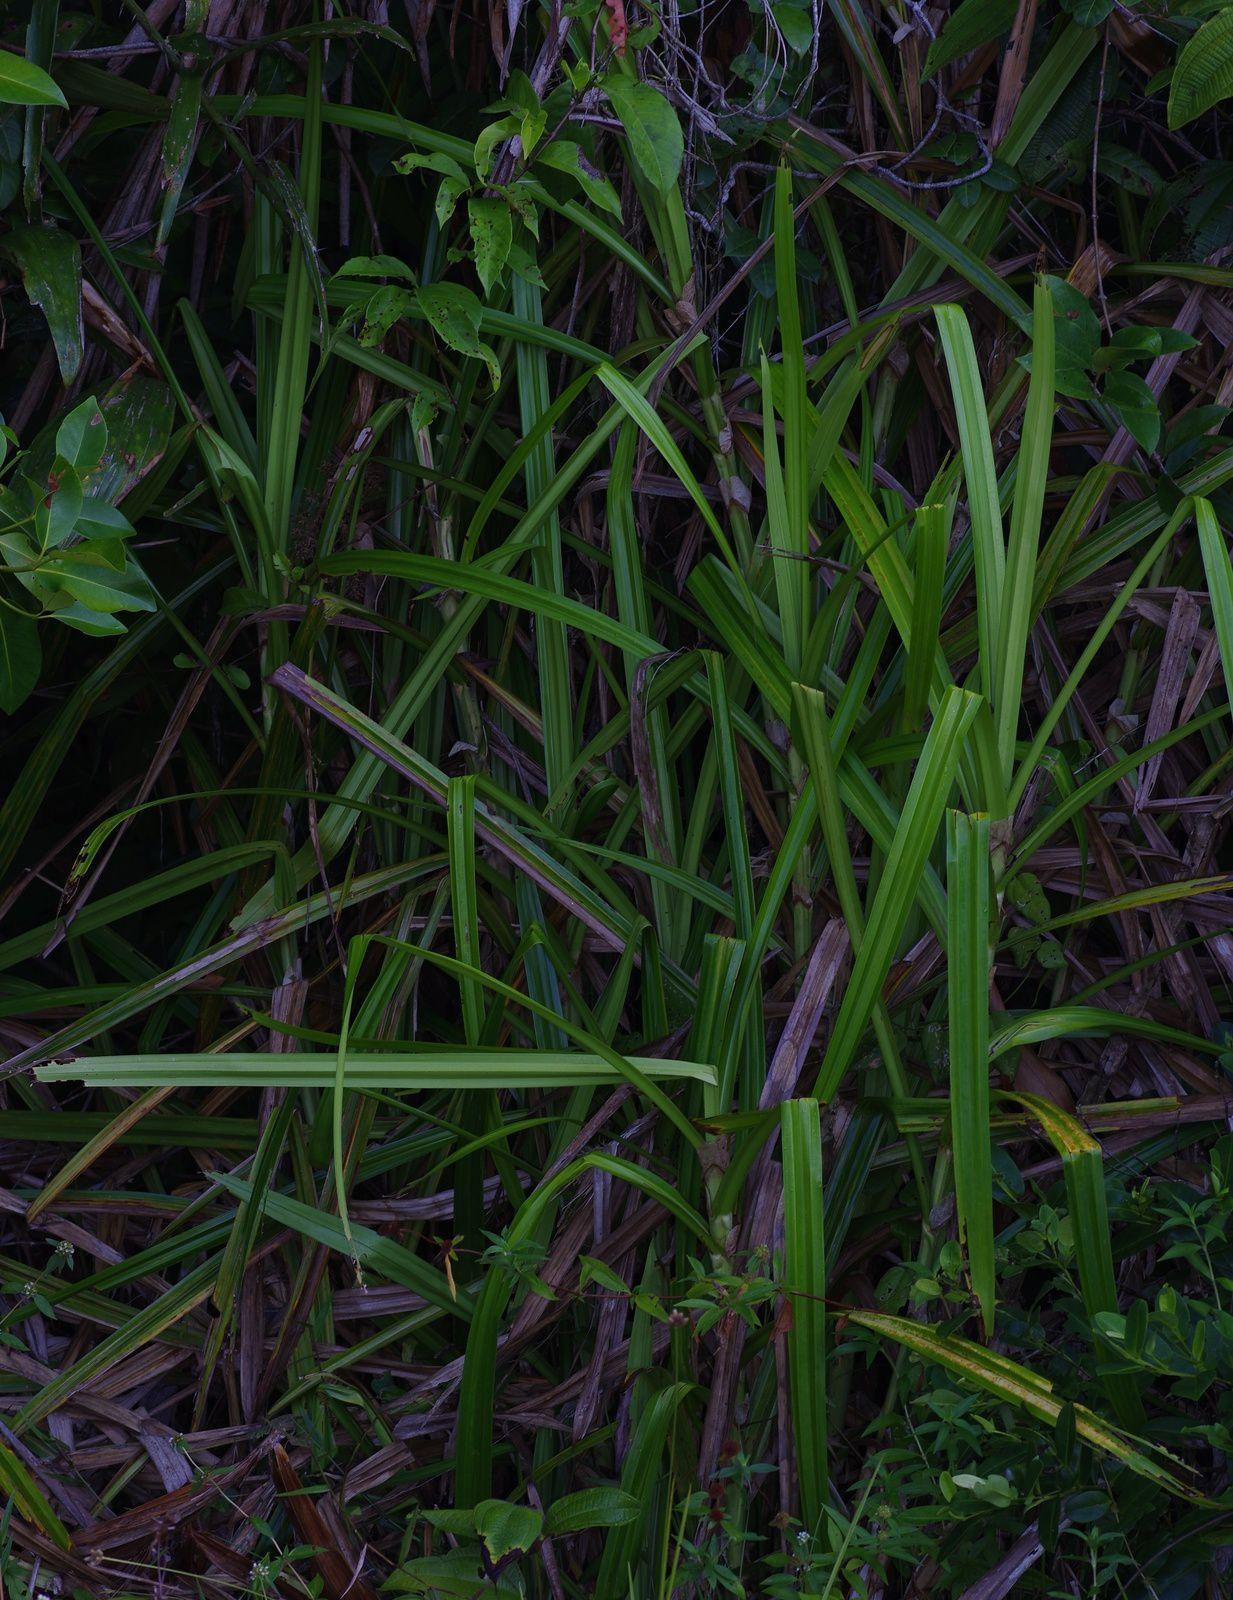 Scleria stipularis